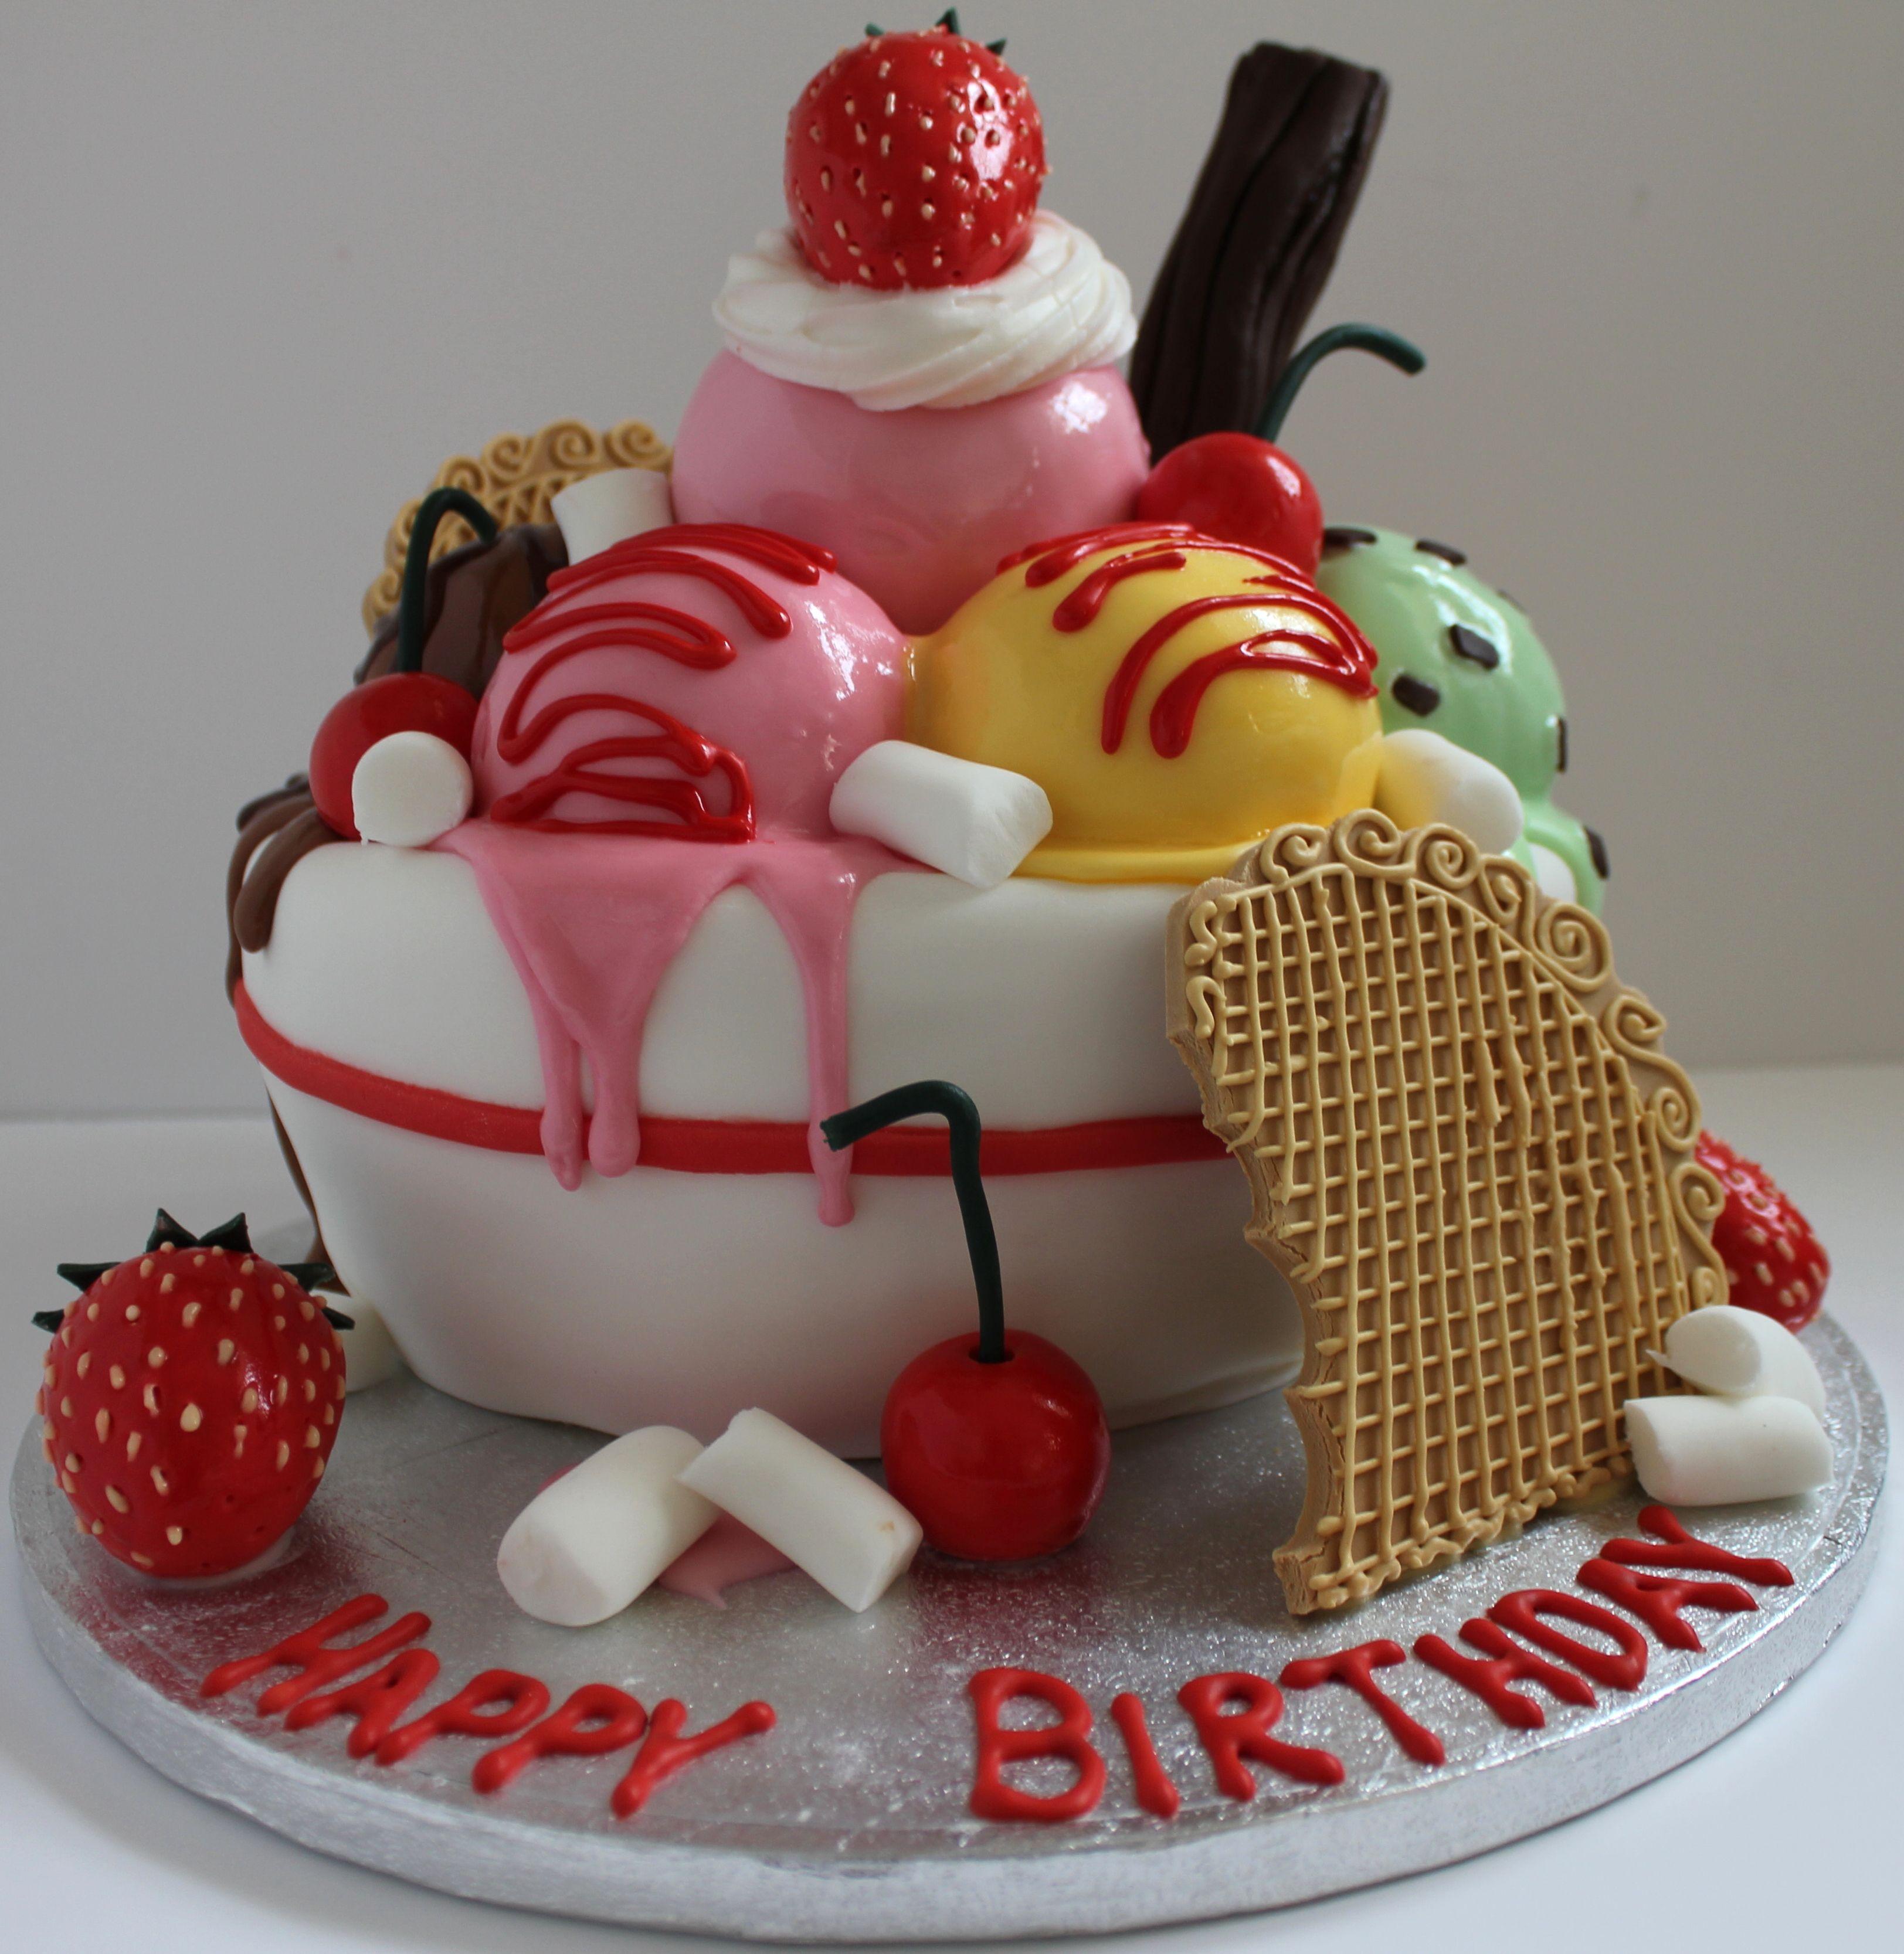 An Icecream Sundae Birthday Cake! Follow Me On Facebook...Pauls Creative Cakes Or Www